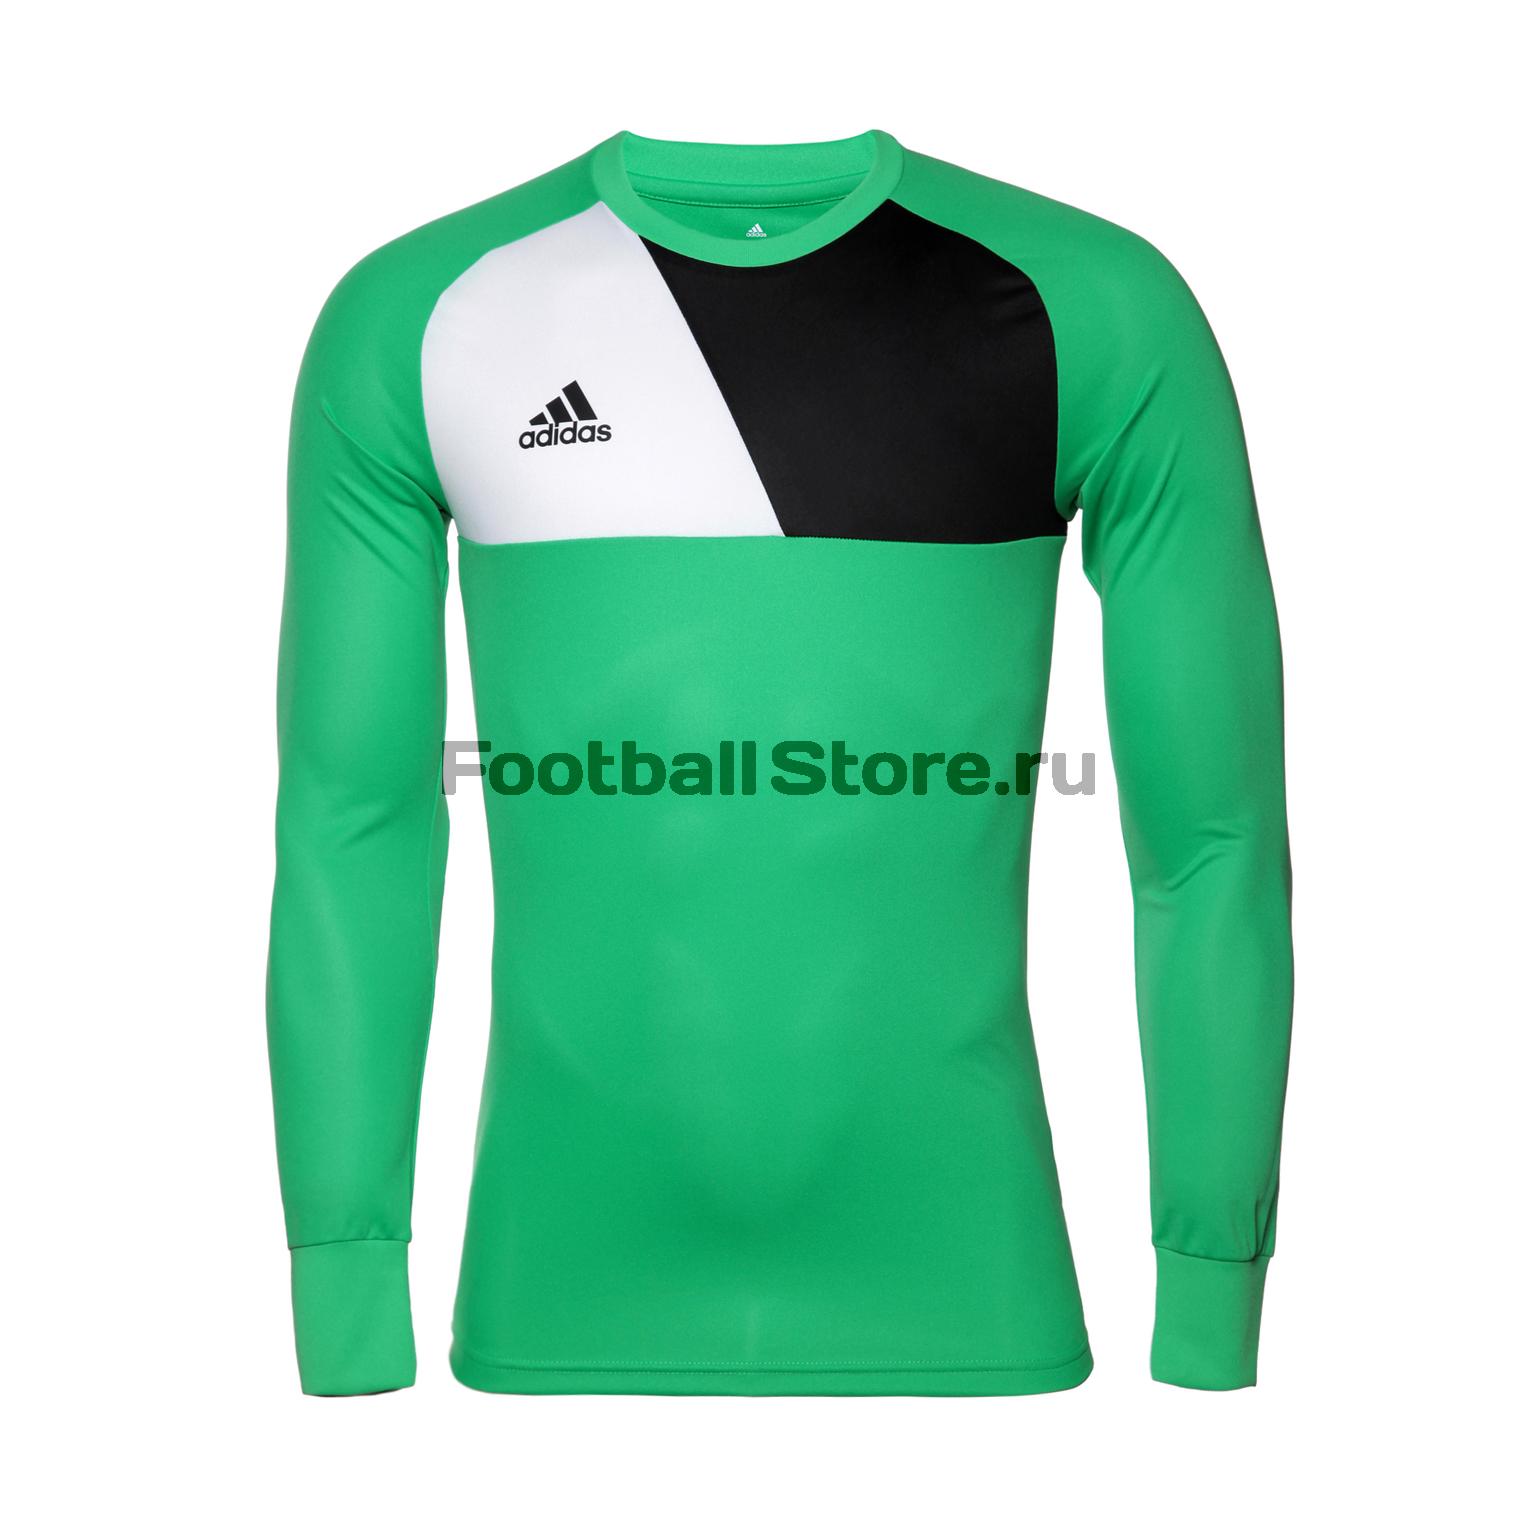 Свитер вратарский Adidas Assita 17 GK AZ5400 свитера adidas свитер вратарский adidas adipro 18 gk l cv6349